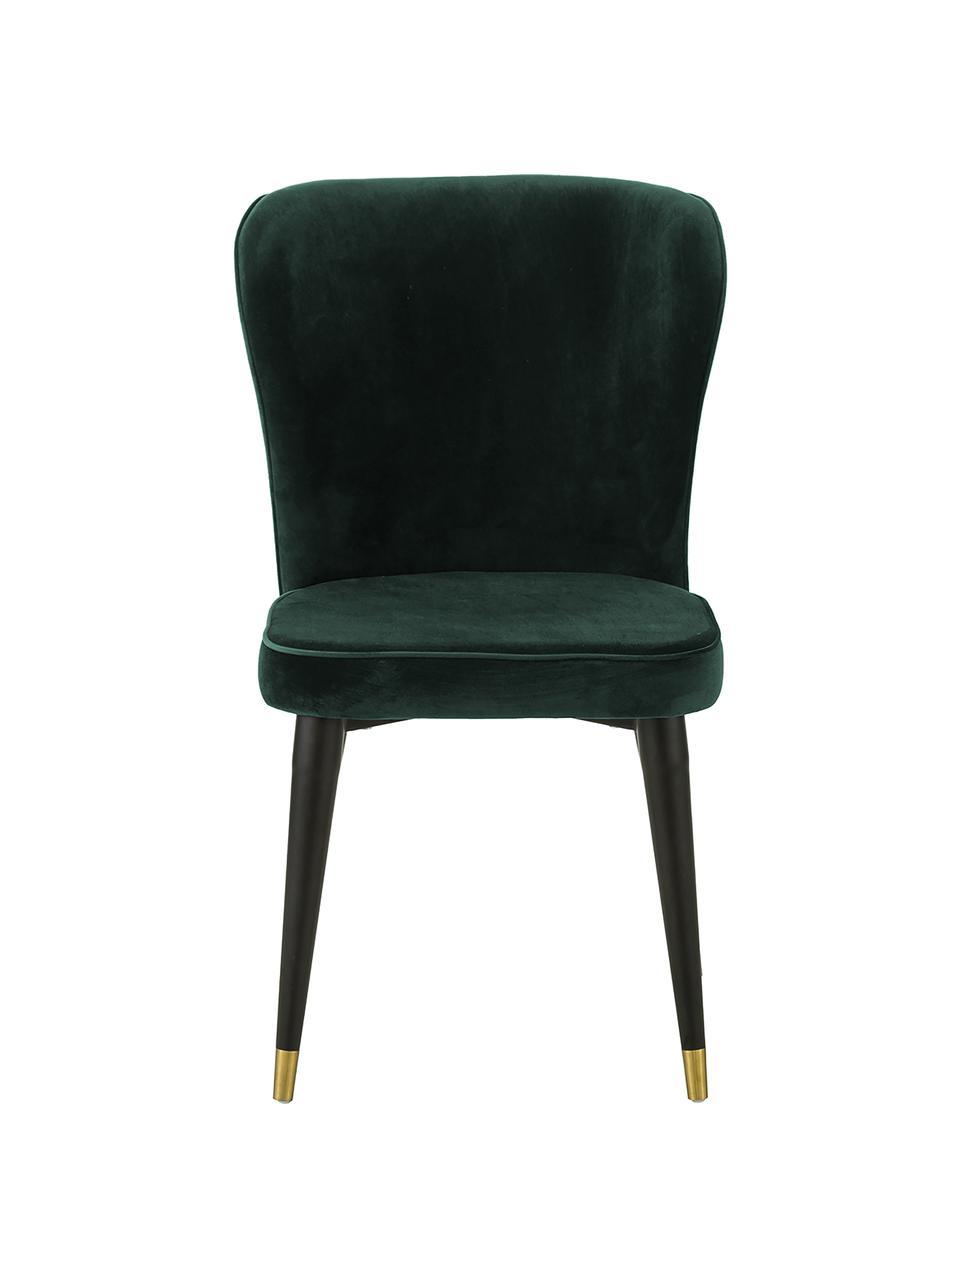 Krzesło tapicerowane z aksamitu Cleo, Tapicerka: aksamit (poliester) Dzięk, Nogi: metal lakierowany, Aksamitny ciemny zielony, S 51 x G 62 cm